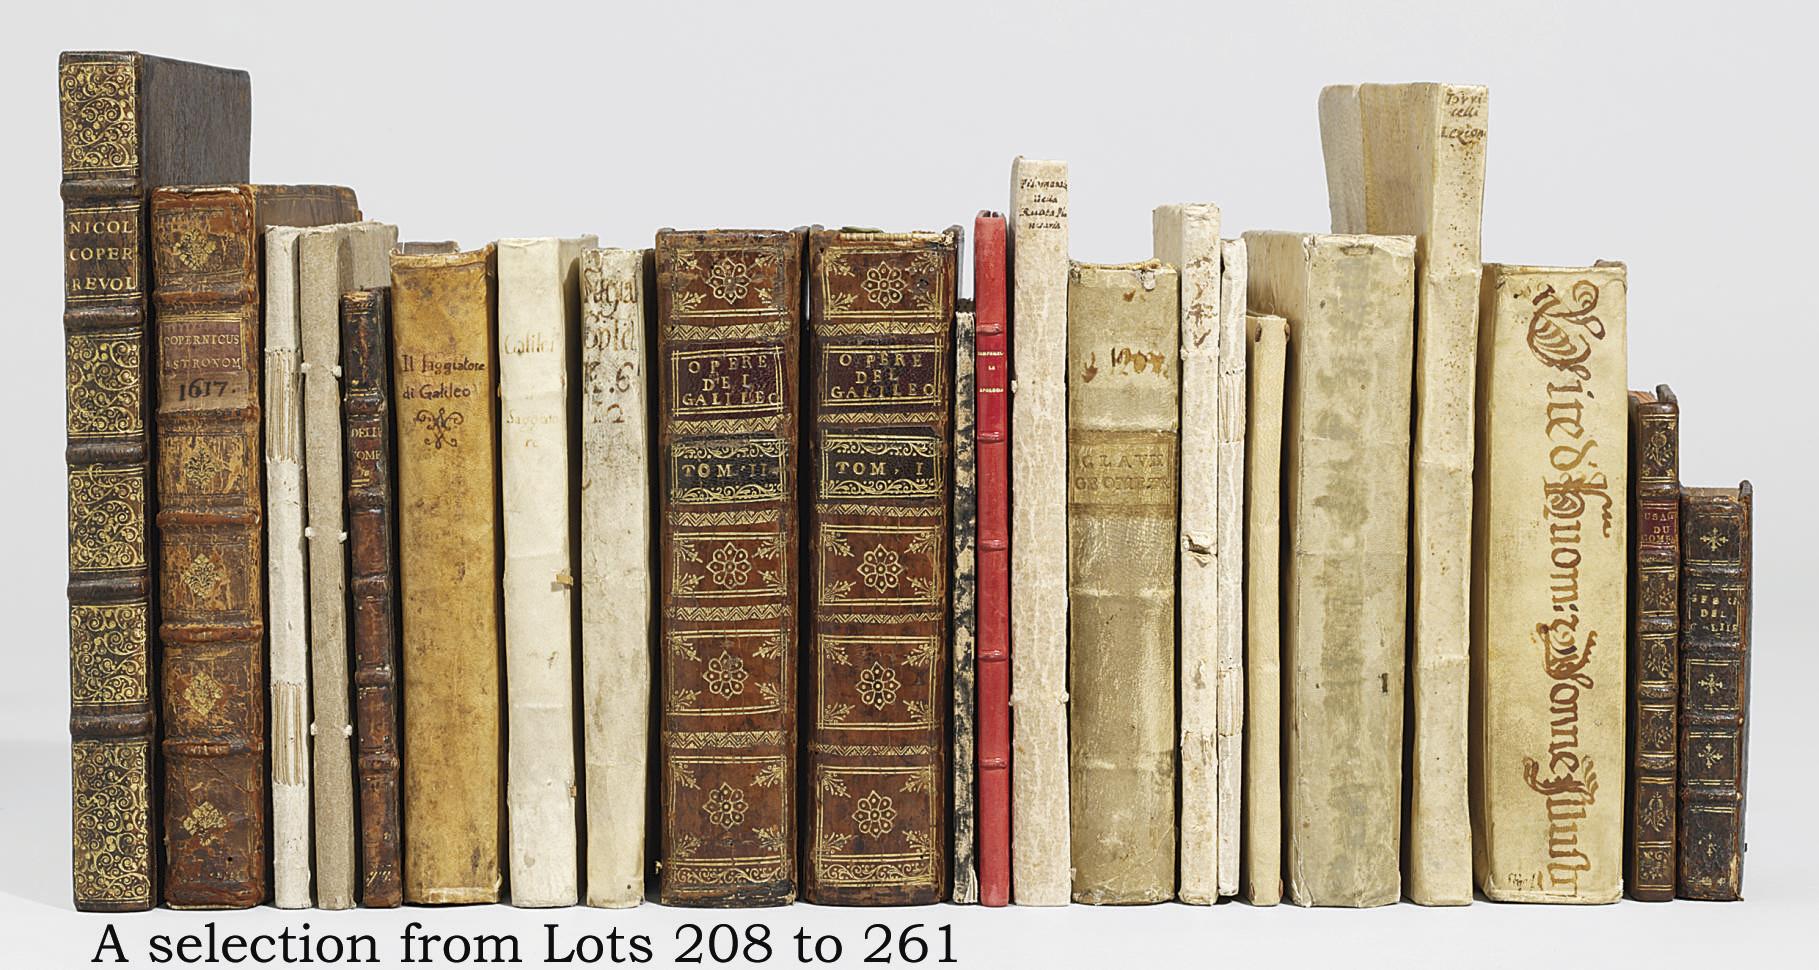 OPTICS. Manuscript on paper, '